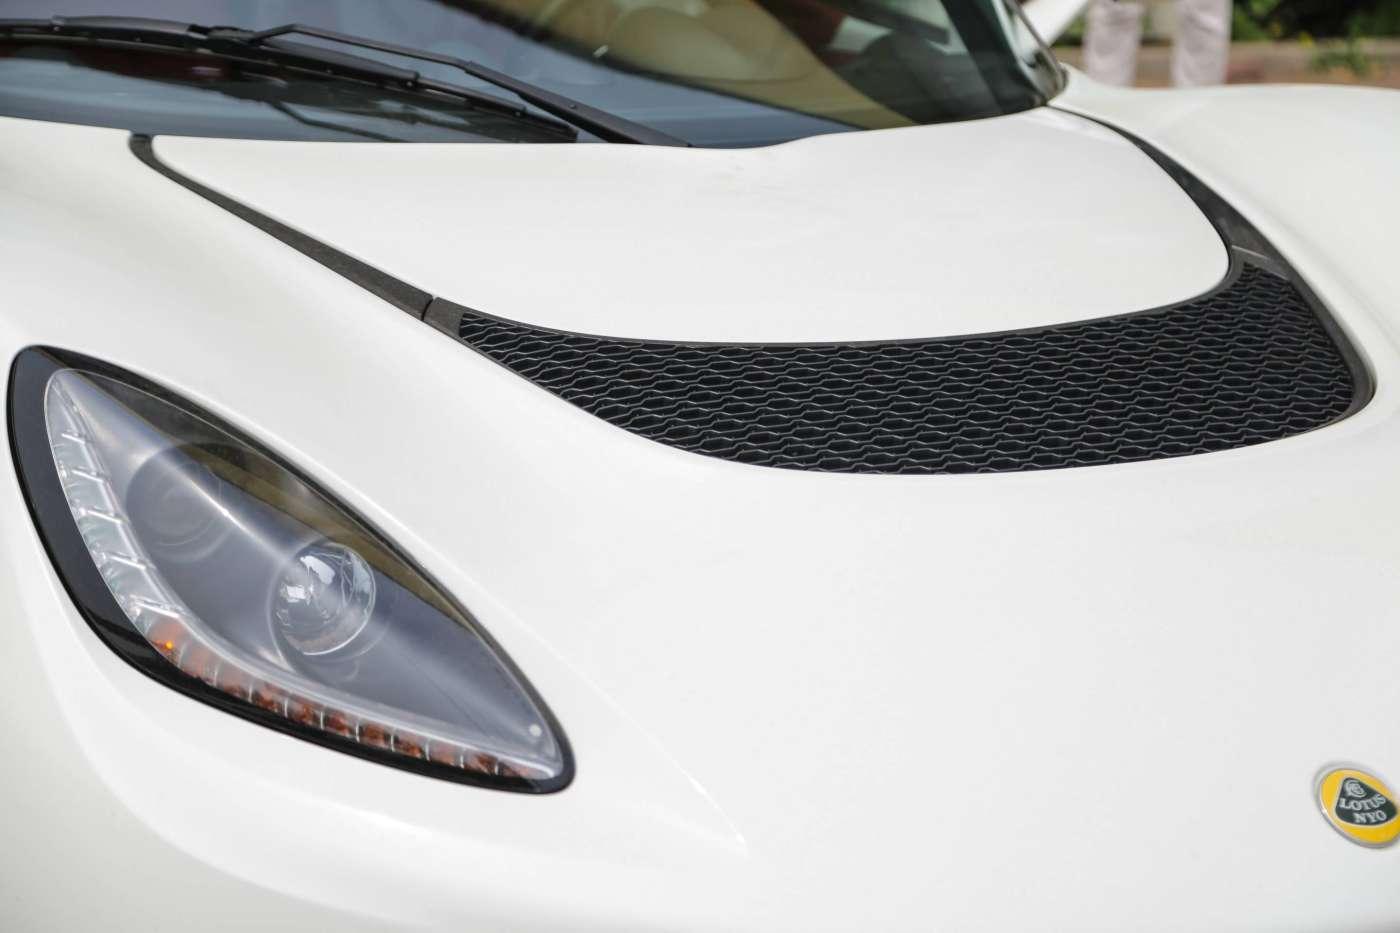 路特斯 2015款 Exige 3.5T S 硬顶版|平行进口车-北京卡斯基汽车服务有限公司